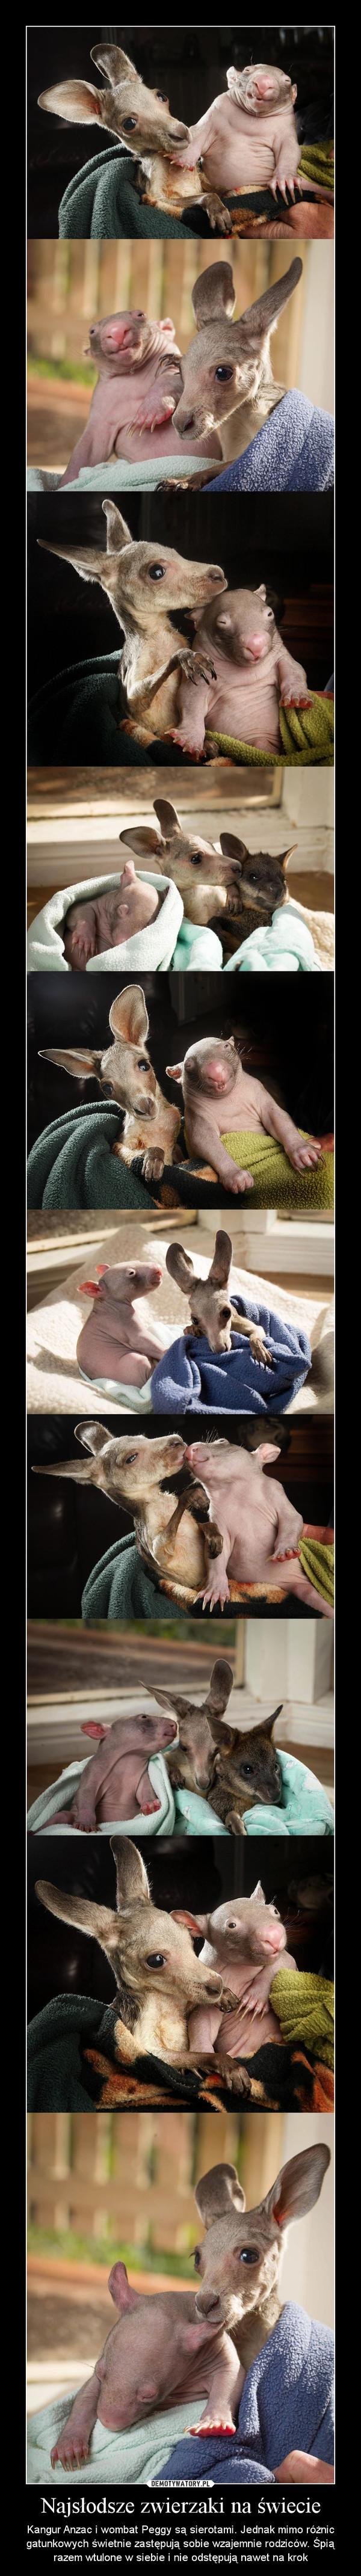 Najsłodsze zwierzaki na świecie – Kangur Anzac i wombat Peggy są sierotami. Jednak mimo różnic gatunkowych świetnie zastępują sobie wzajemnie rodziców. Śpią razem wtulone w siebie i nie odstępują nawet na krok